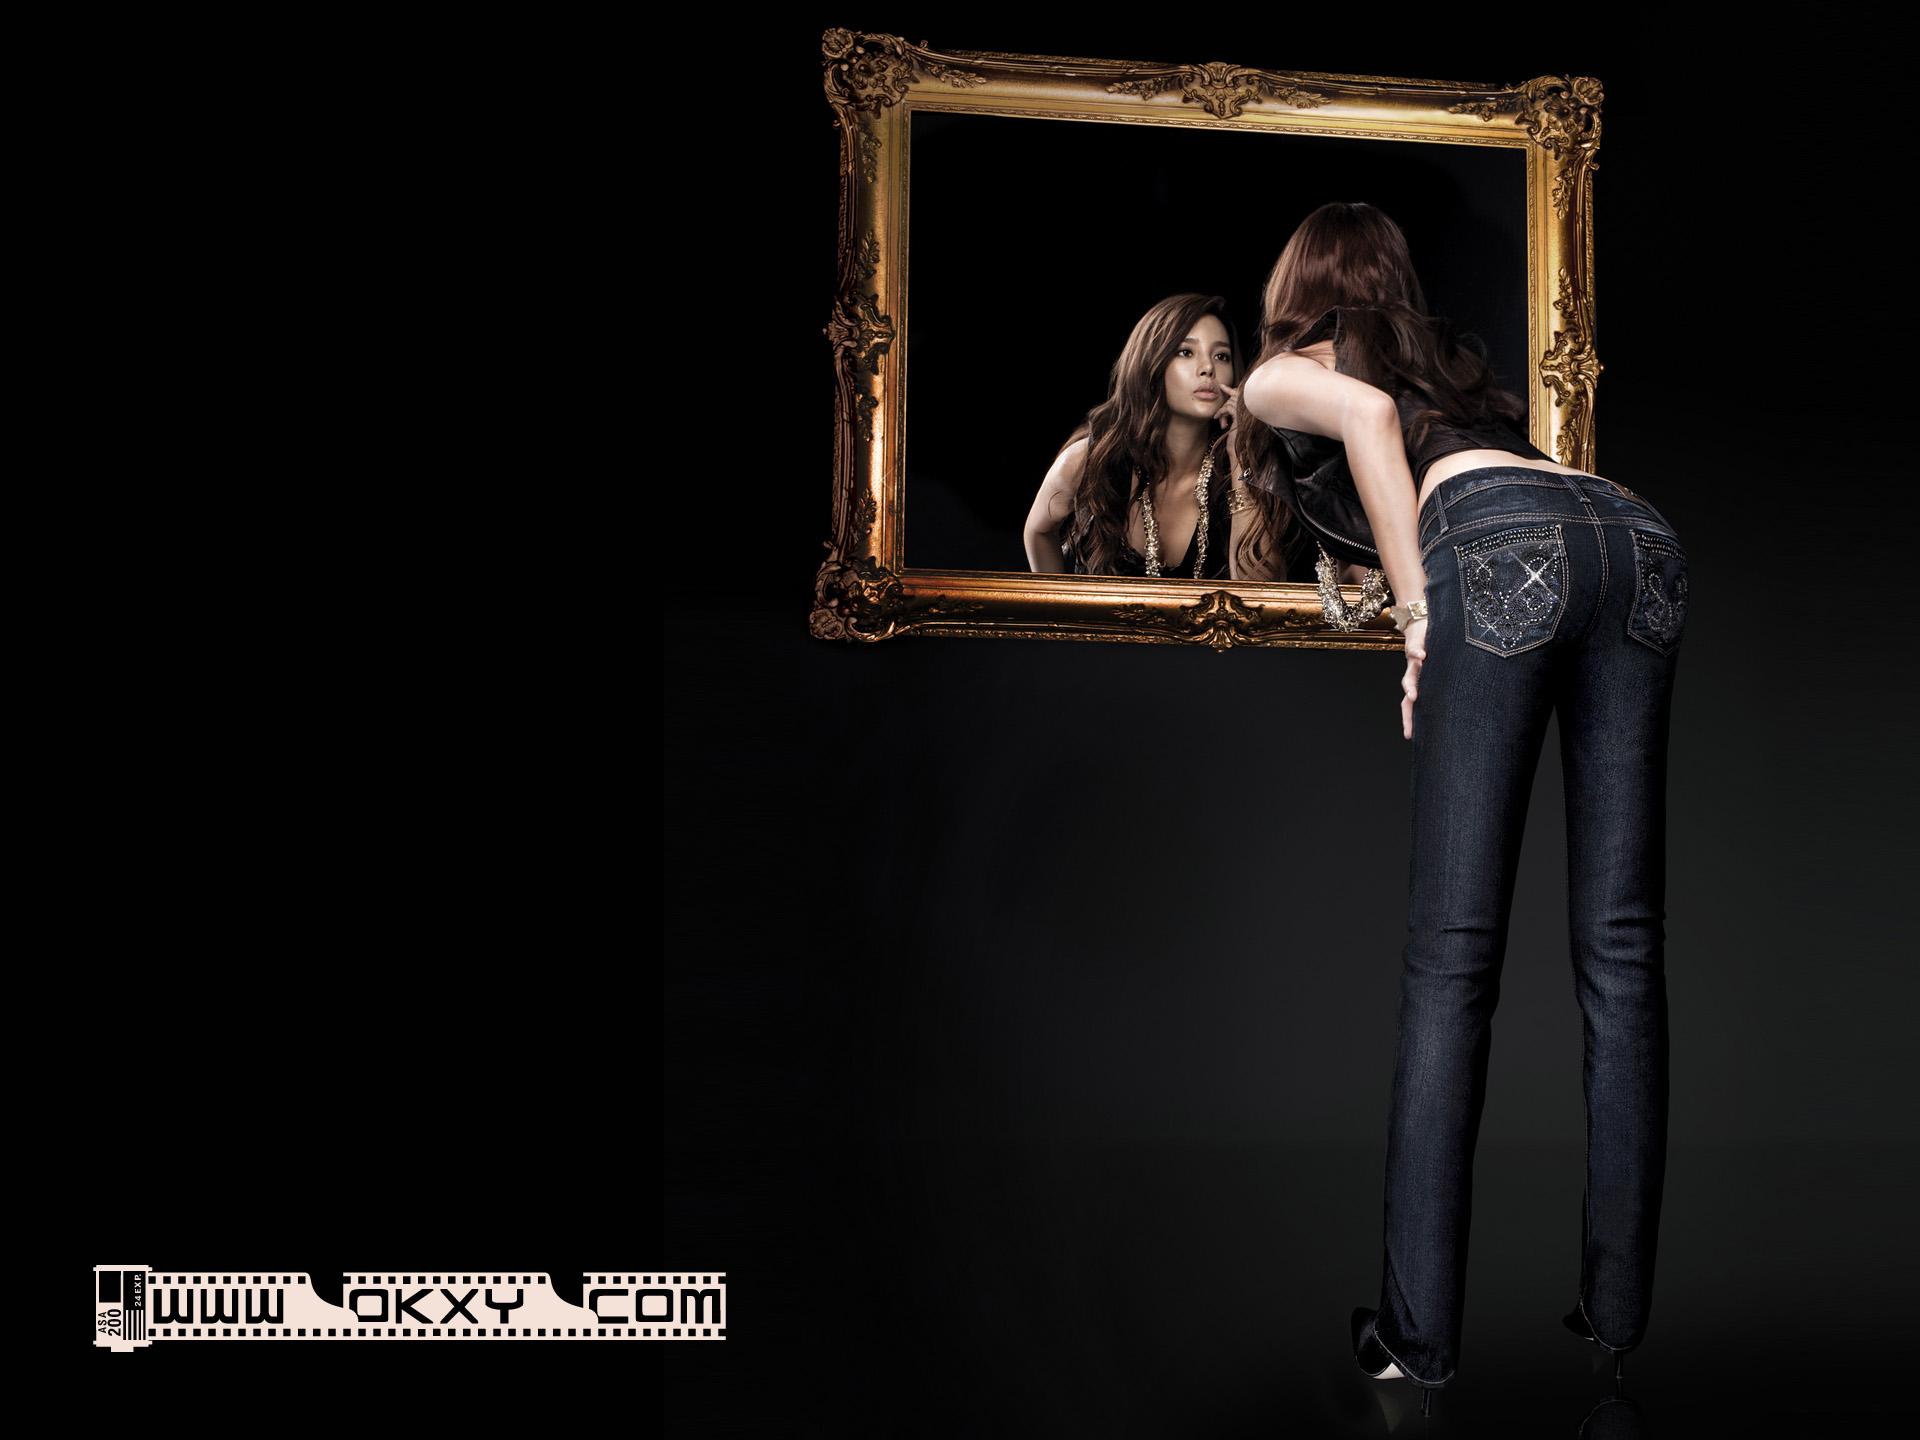 韩国美女壁纸韩国电影黑色背景美女壁纸韩国影视壁纸